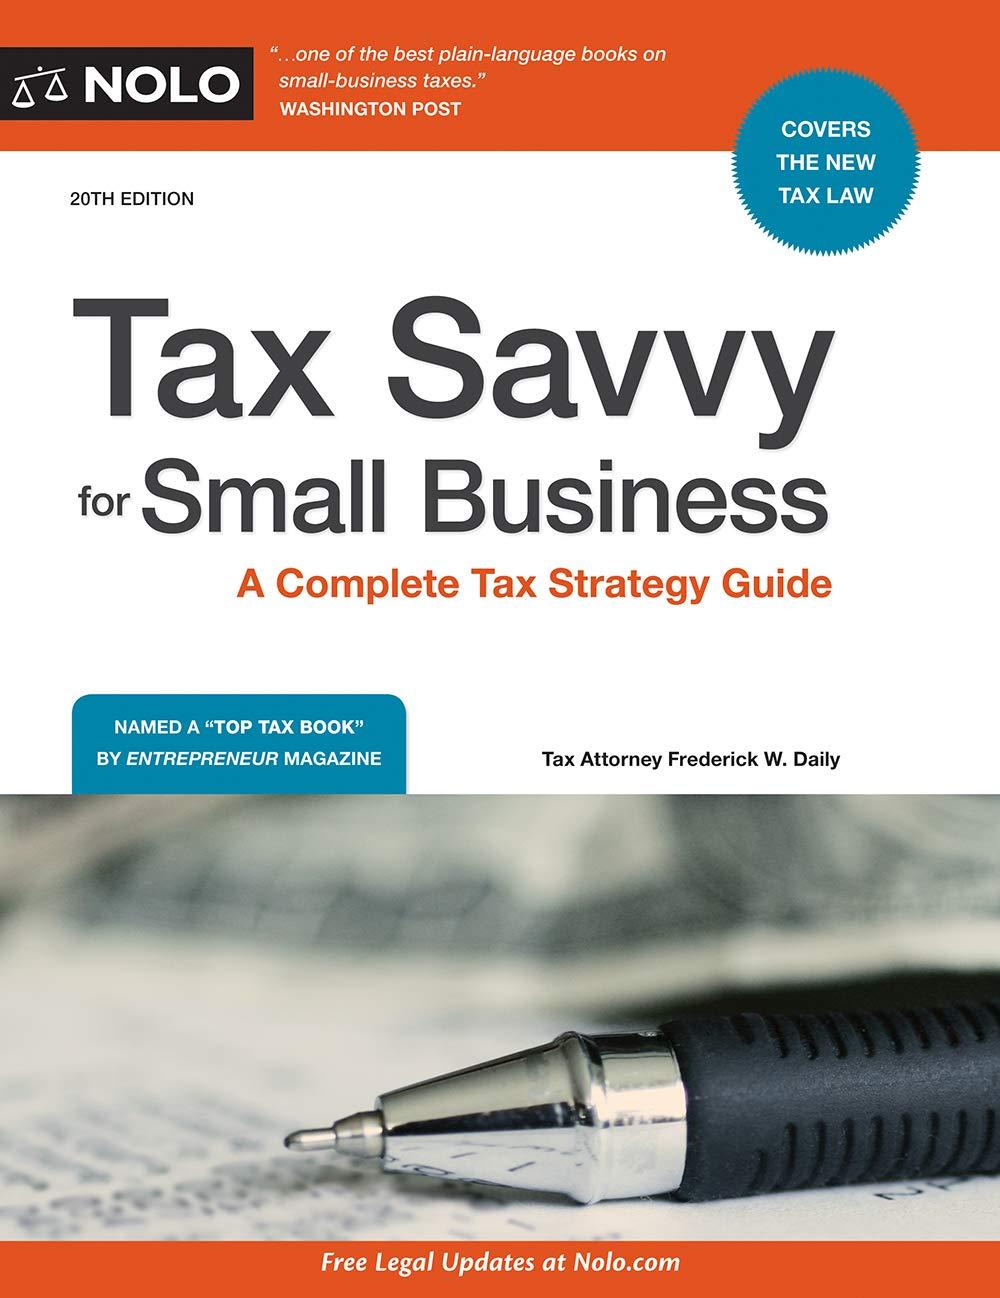 كتاب حساب الضرائب للشركات الصغيرة Tax Savvy for Small Business